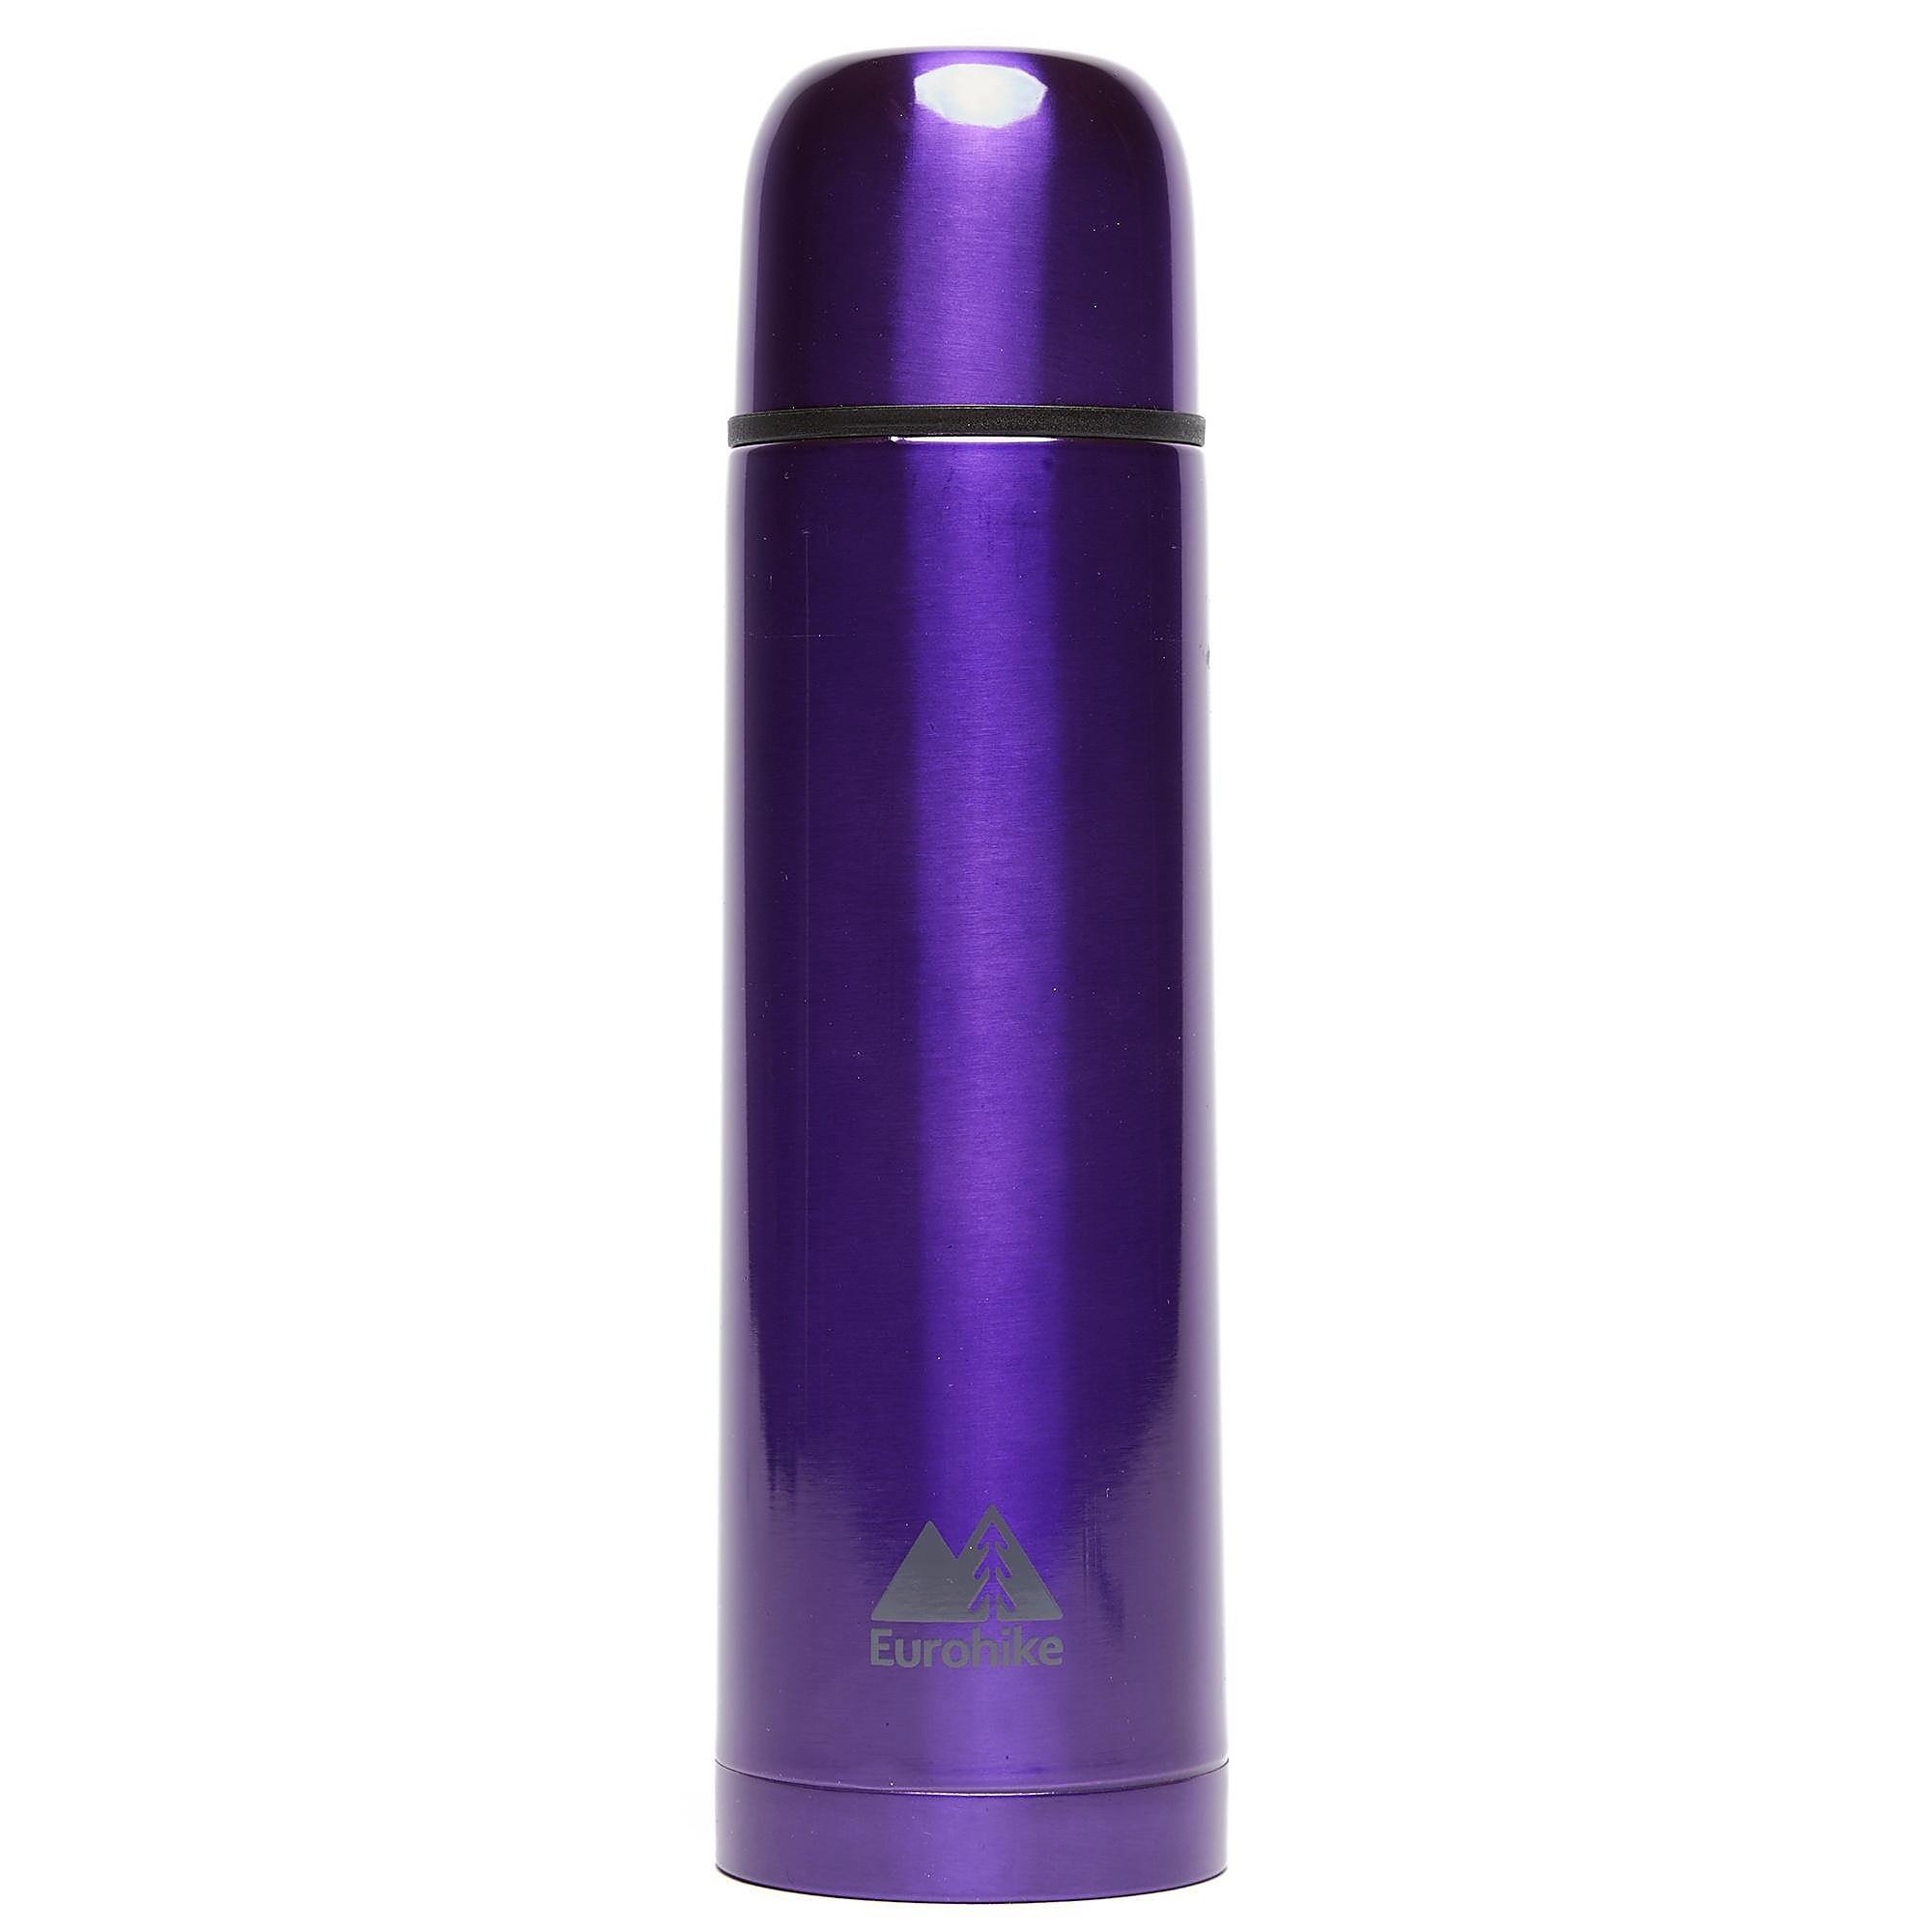 Eurohike Metallic Flask - 0.5L